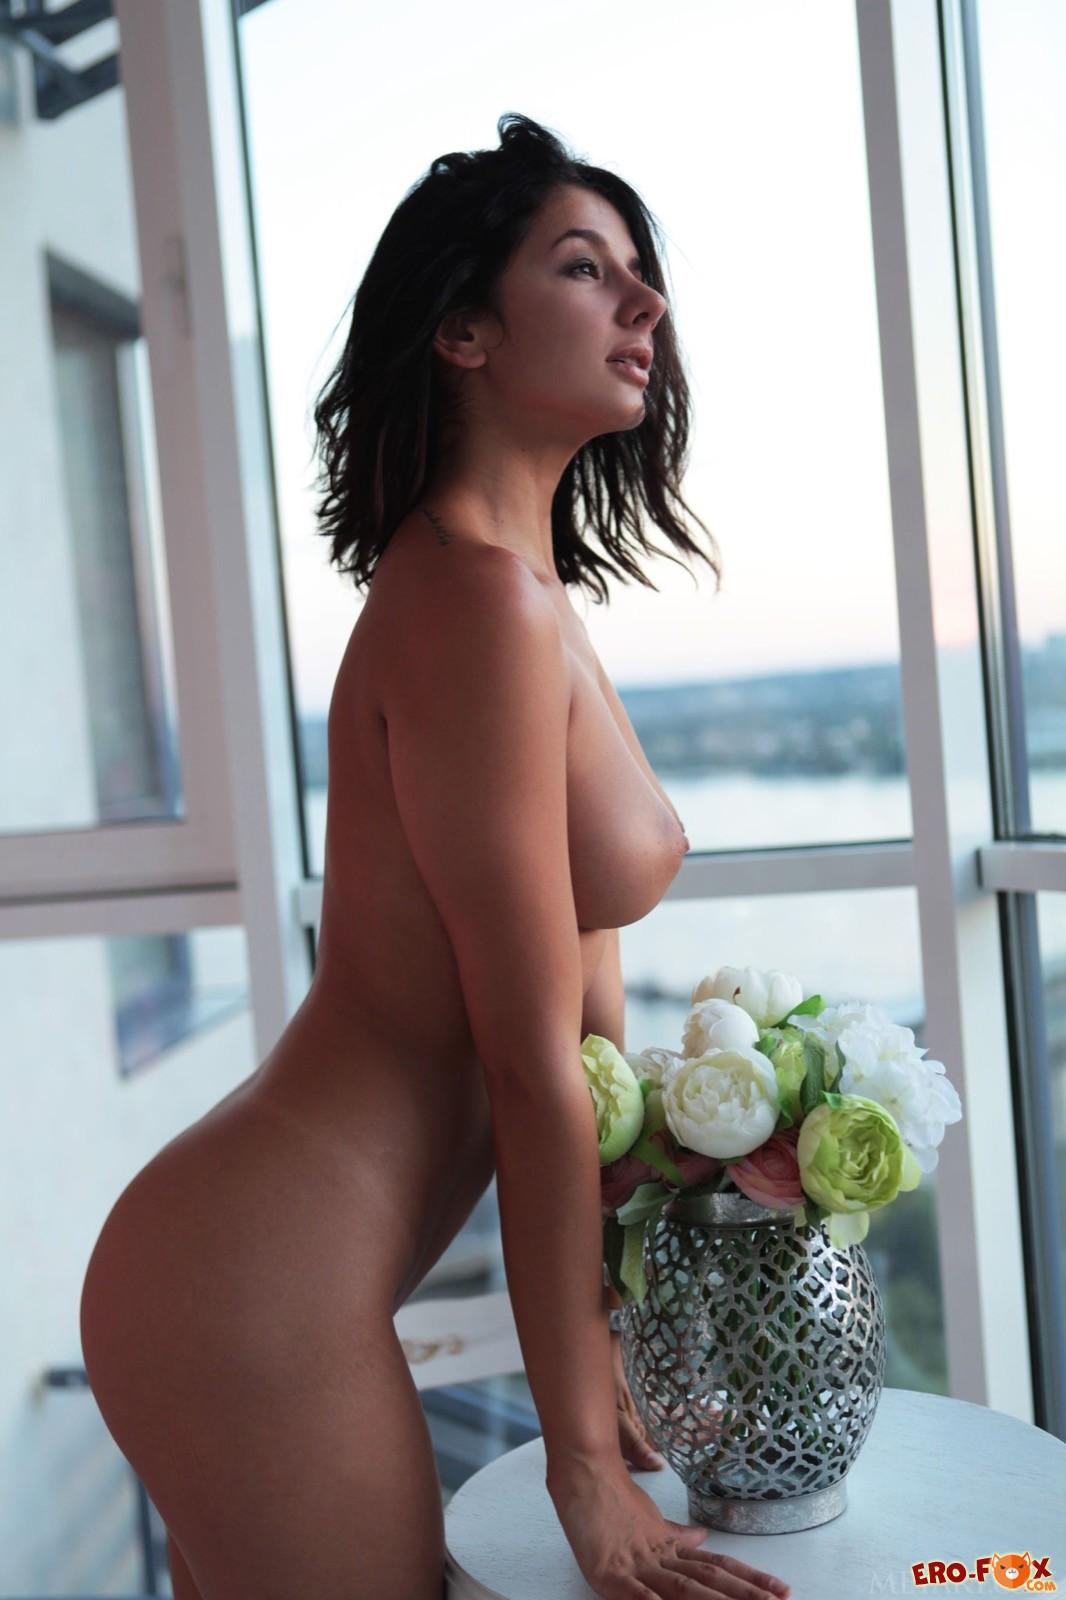 Развратная девка с сексуальным телом в спальне - фото